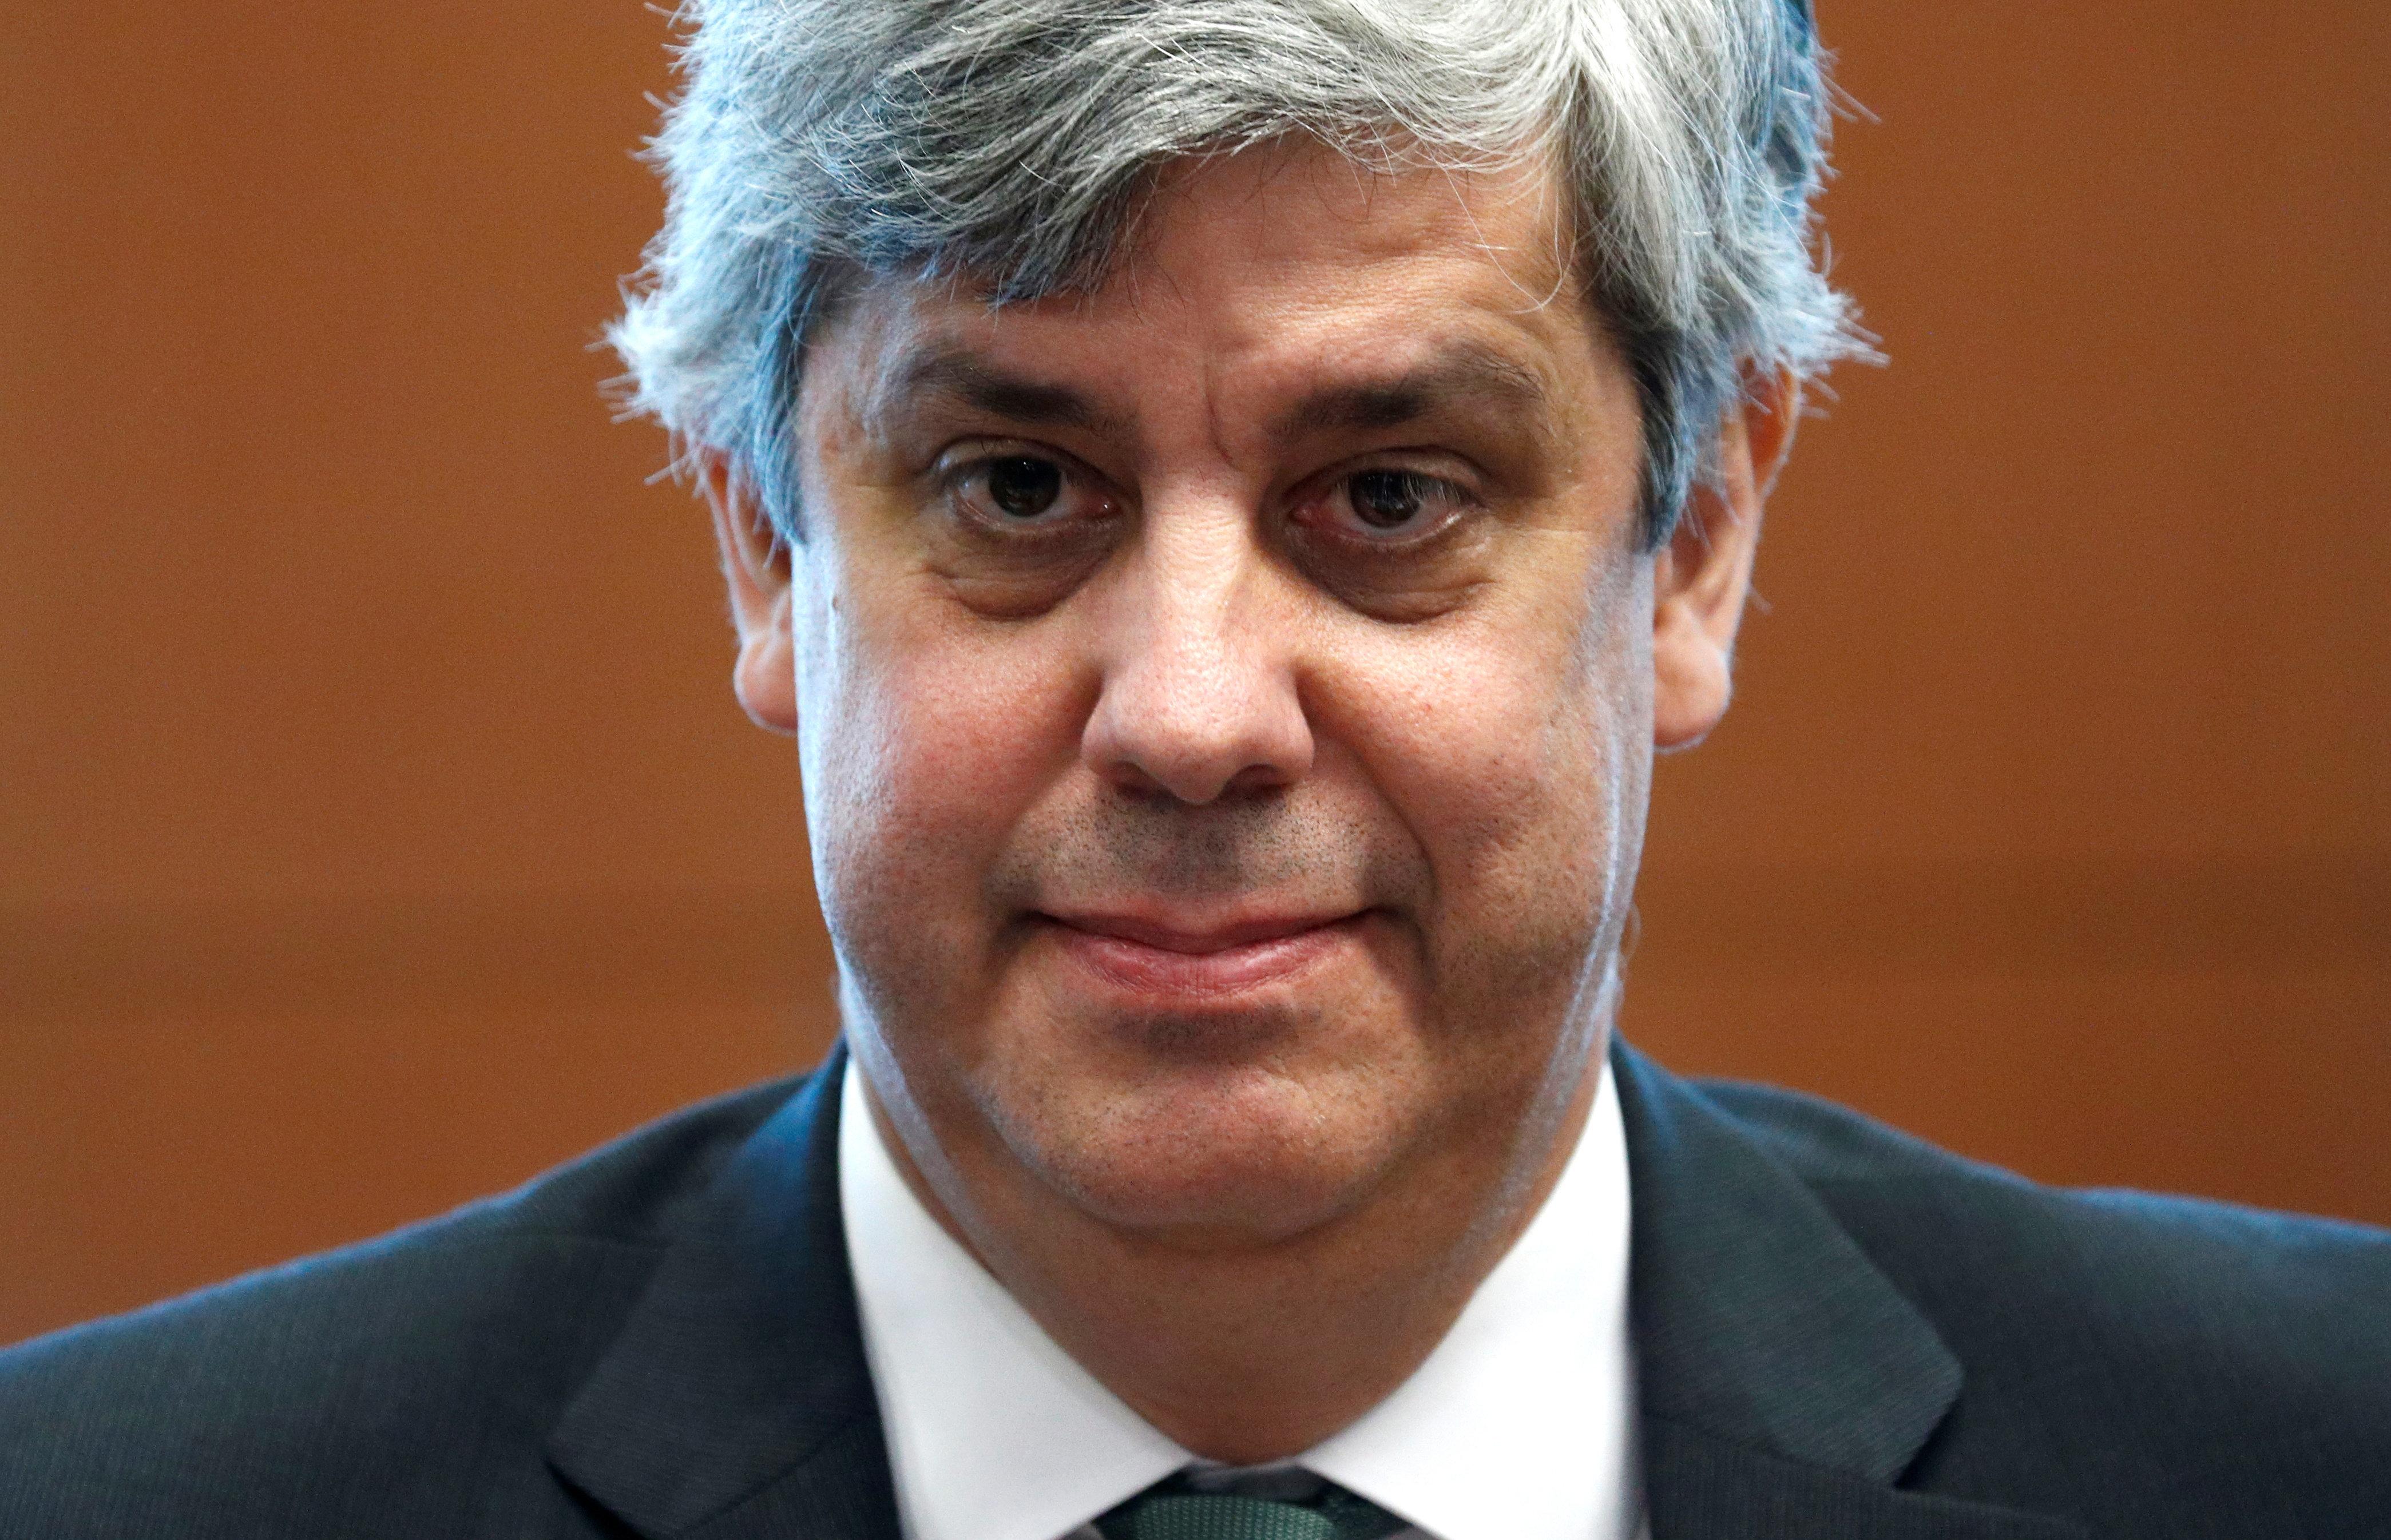 Σεντένο μετά το Eurogroup: «Δημοσιονομικό» και όχι «διαρθρωτικό» το μέτρο της περικοπής των